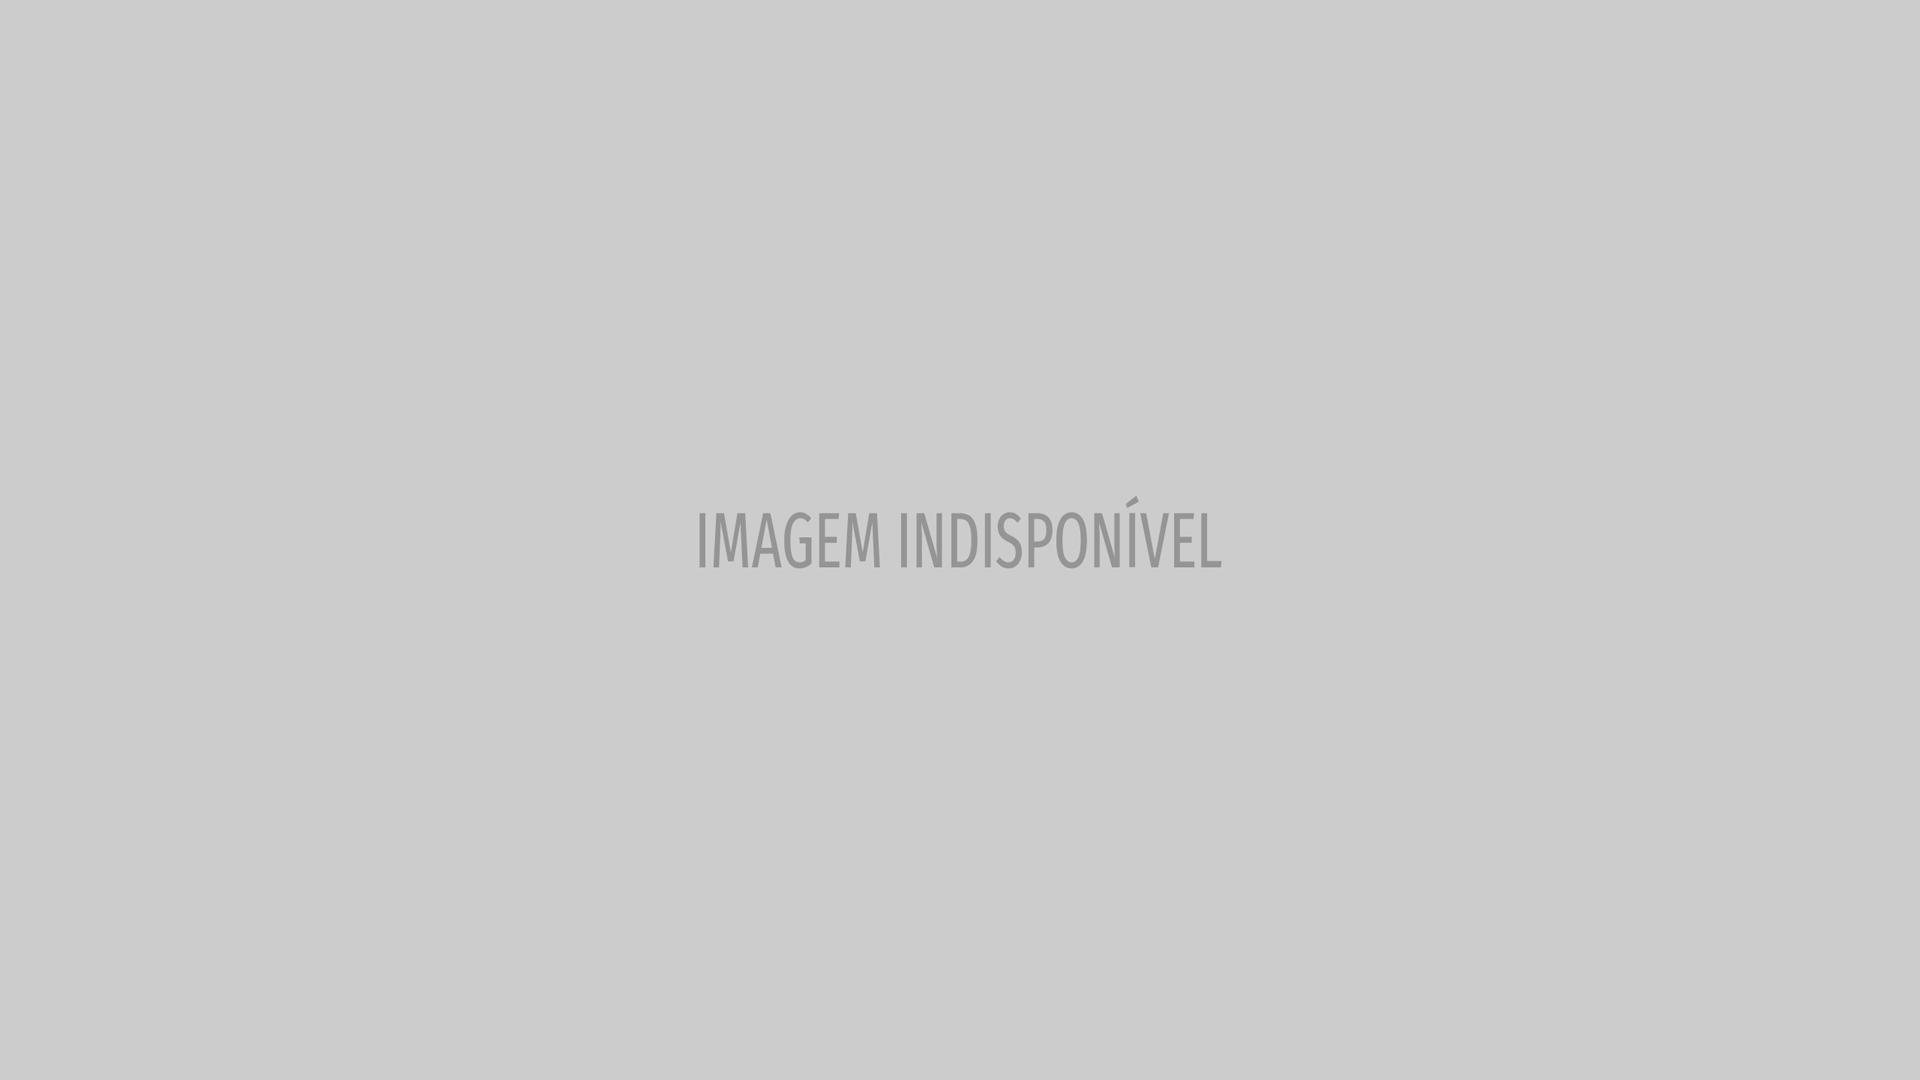 Polémica: Não, o objetivo não era parecer negra defende-se Kim Kardashian